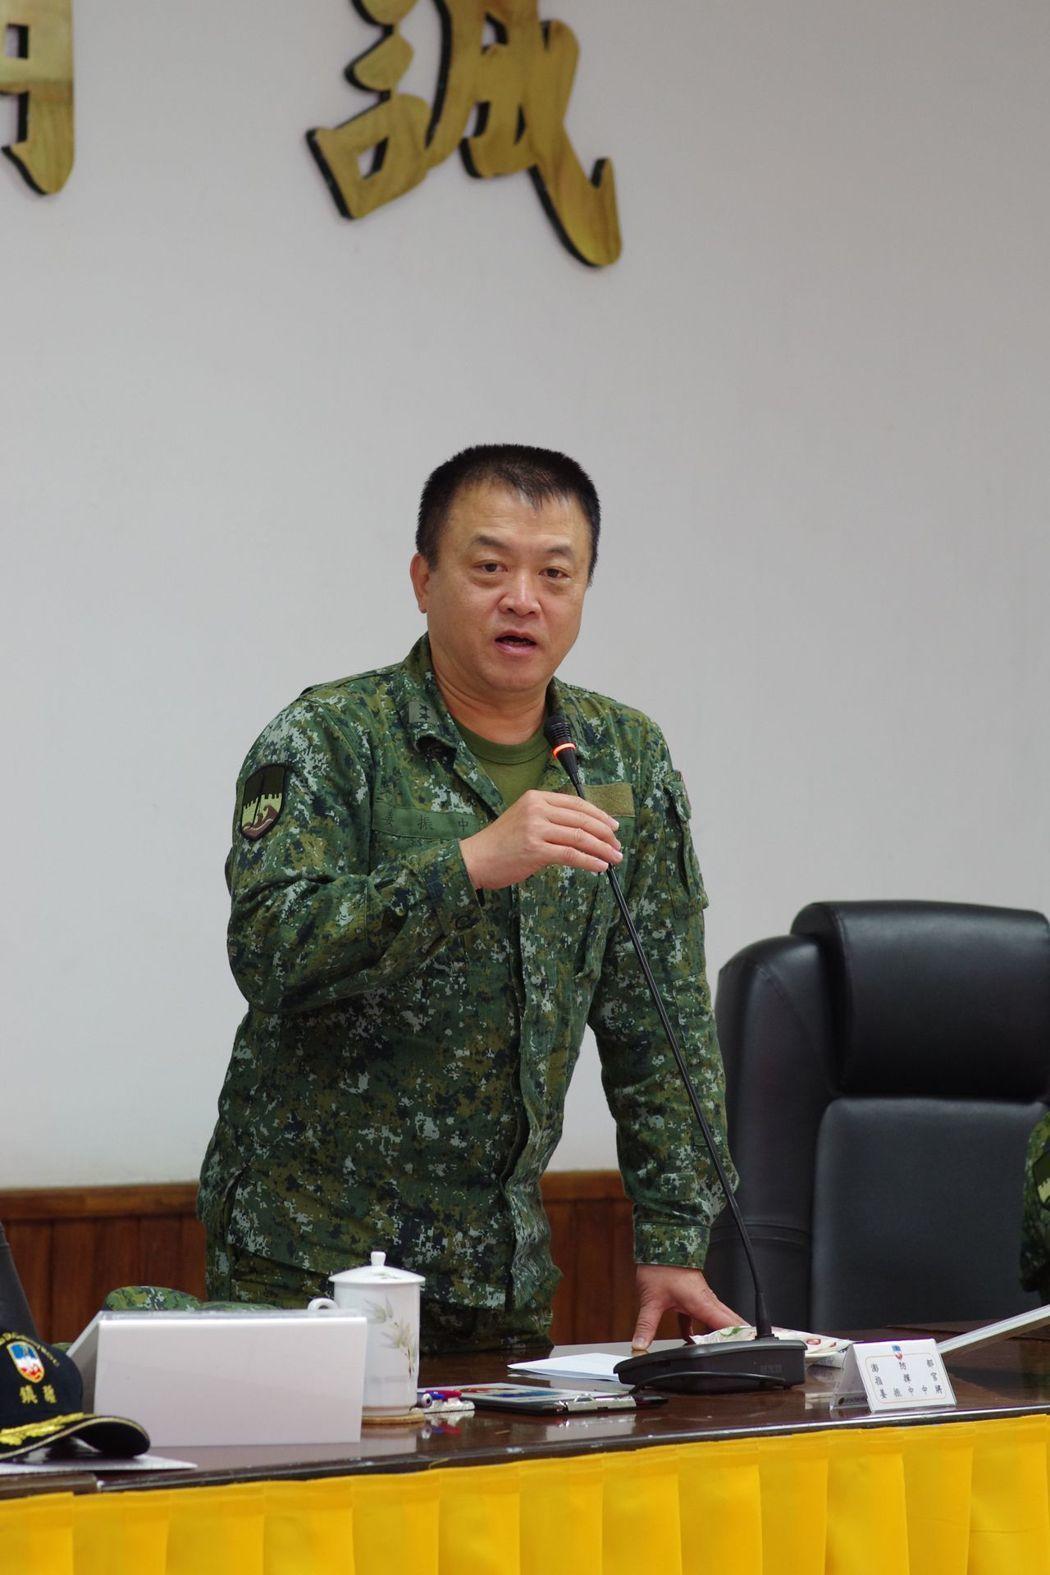 國防部聯三作戰次長姜振中,須坐鎮督考國軍操演,暫不異動。聯合報系資料照片